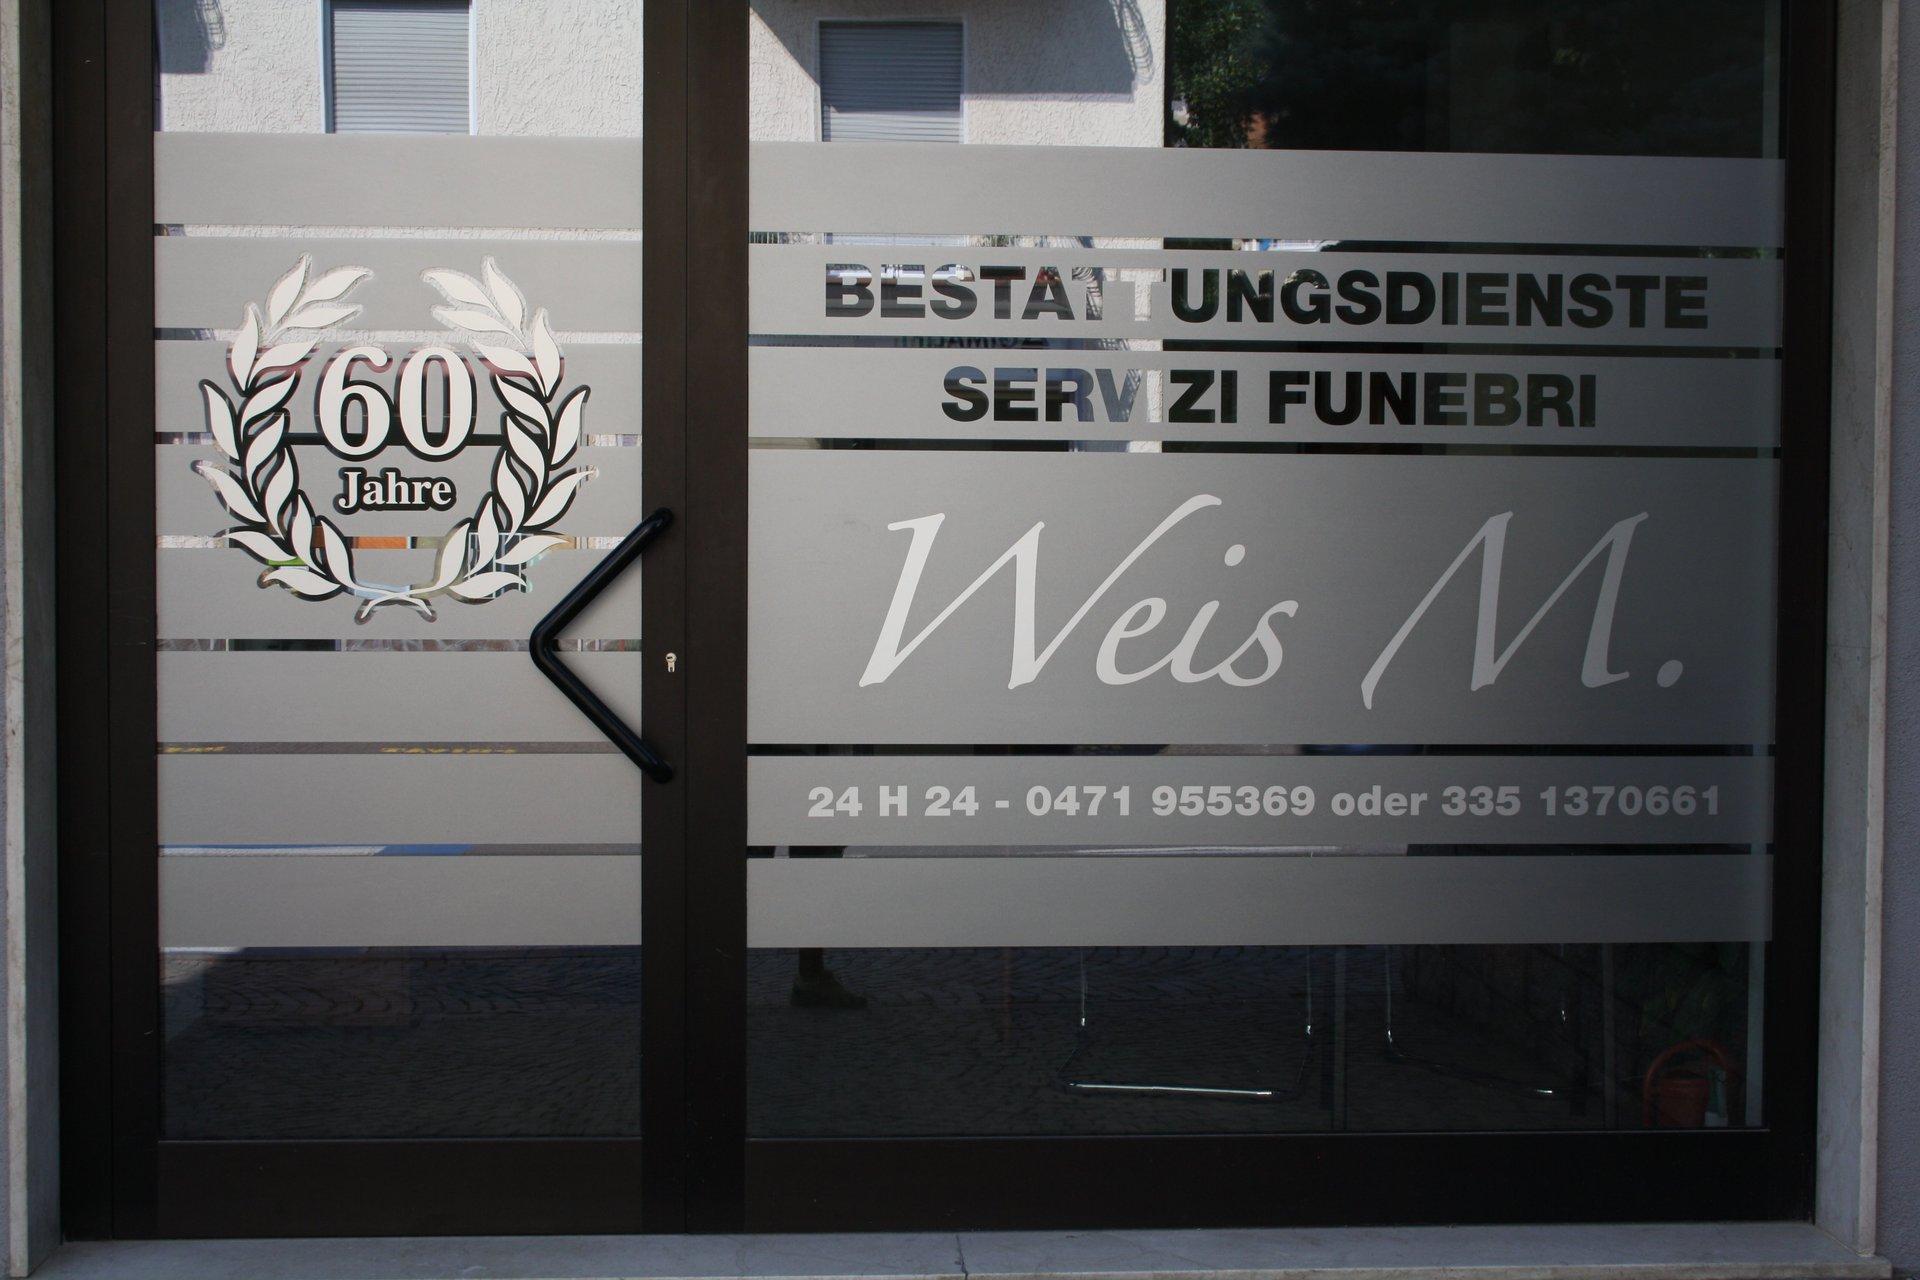 porta vetrata di ingresso dell'agenzia funebre